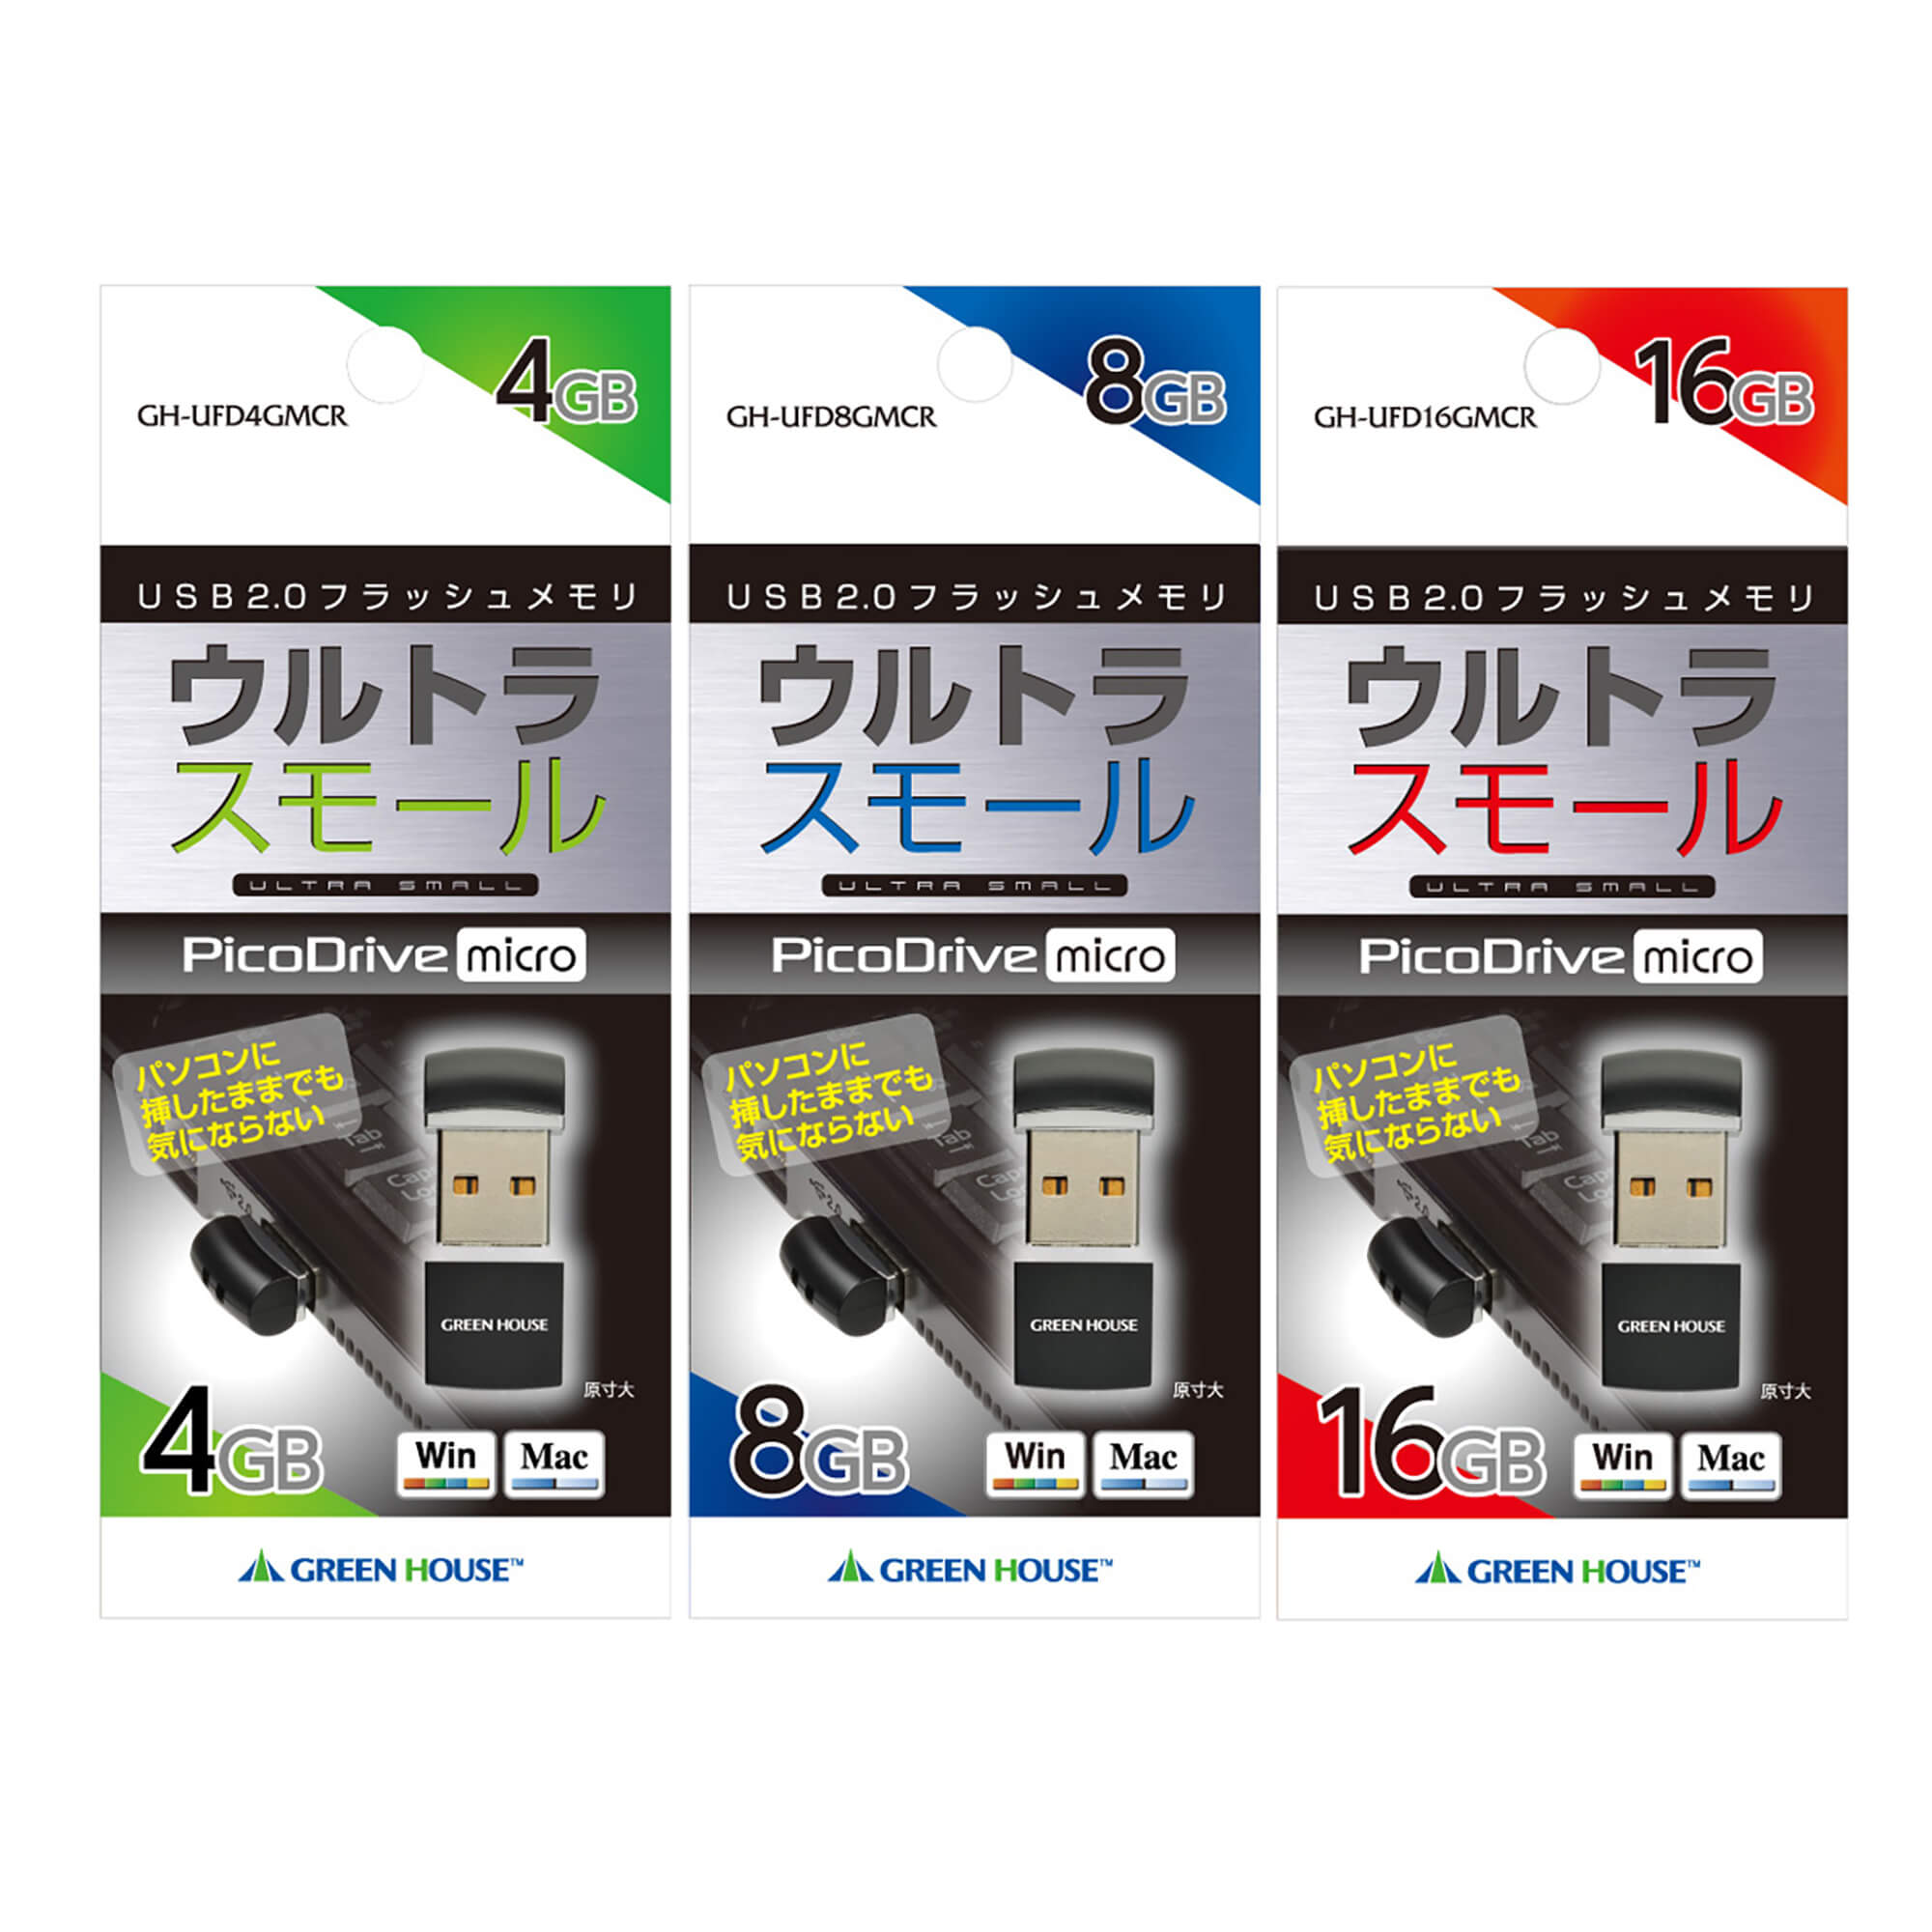 GH-UFD*MCRシリーズ